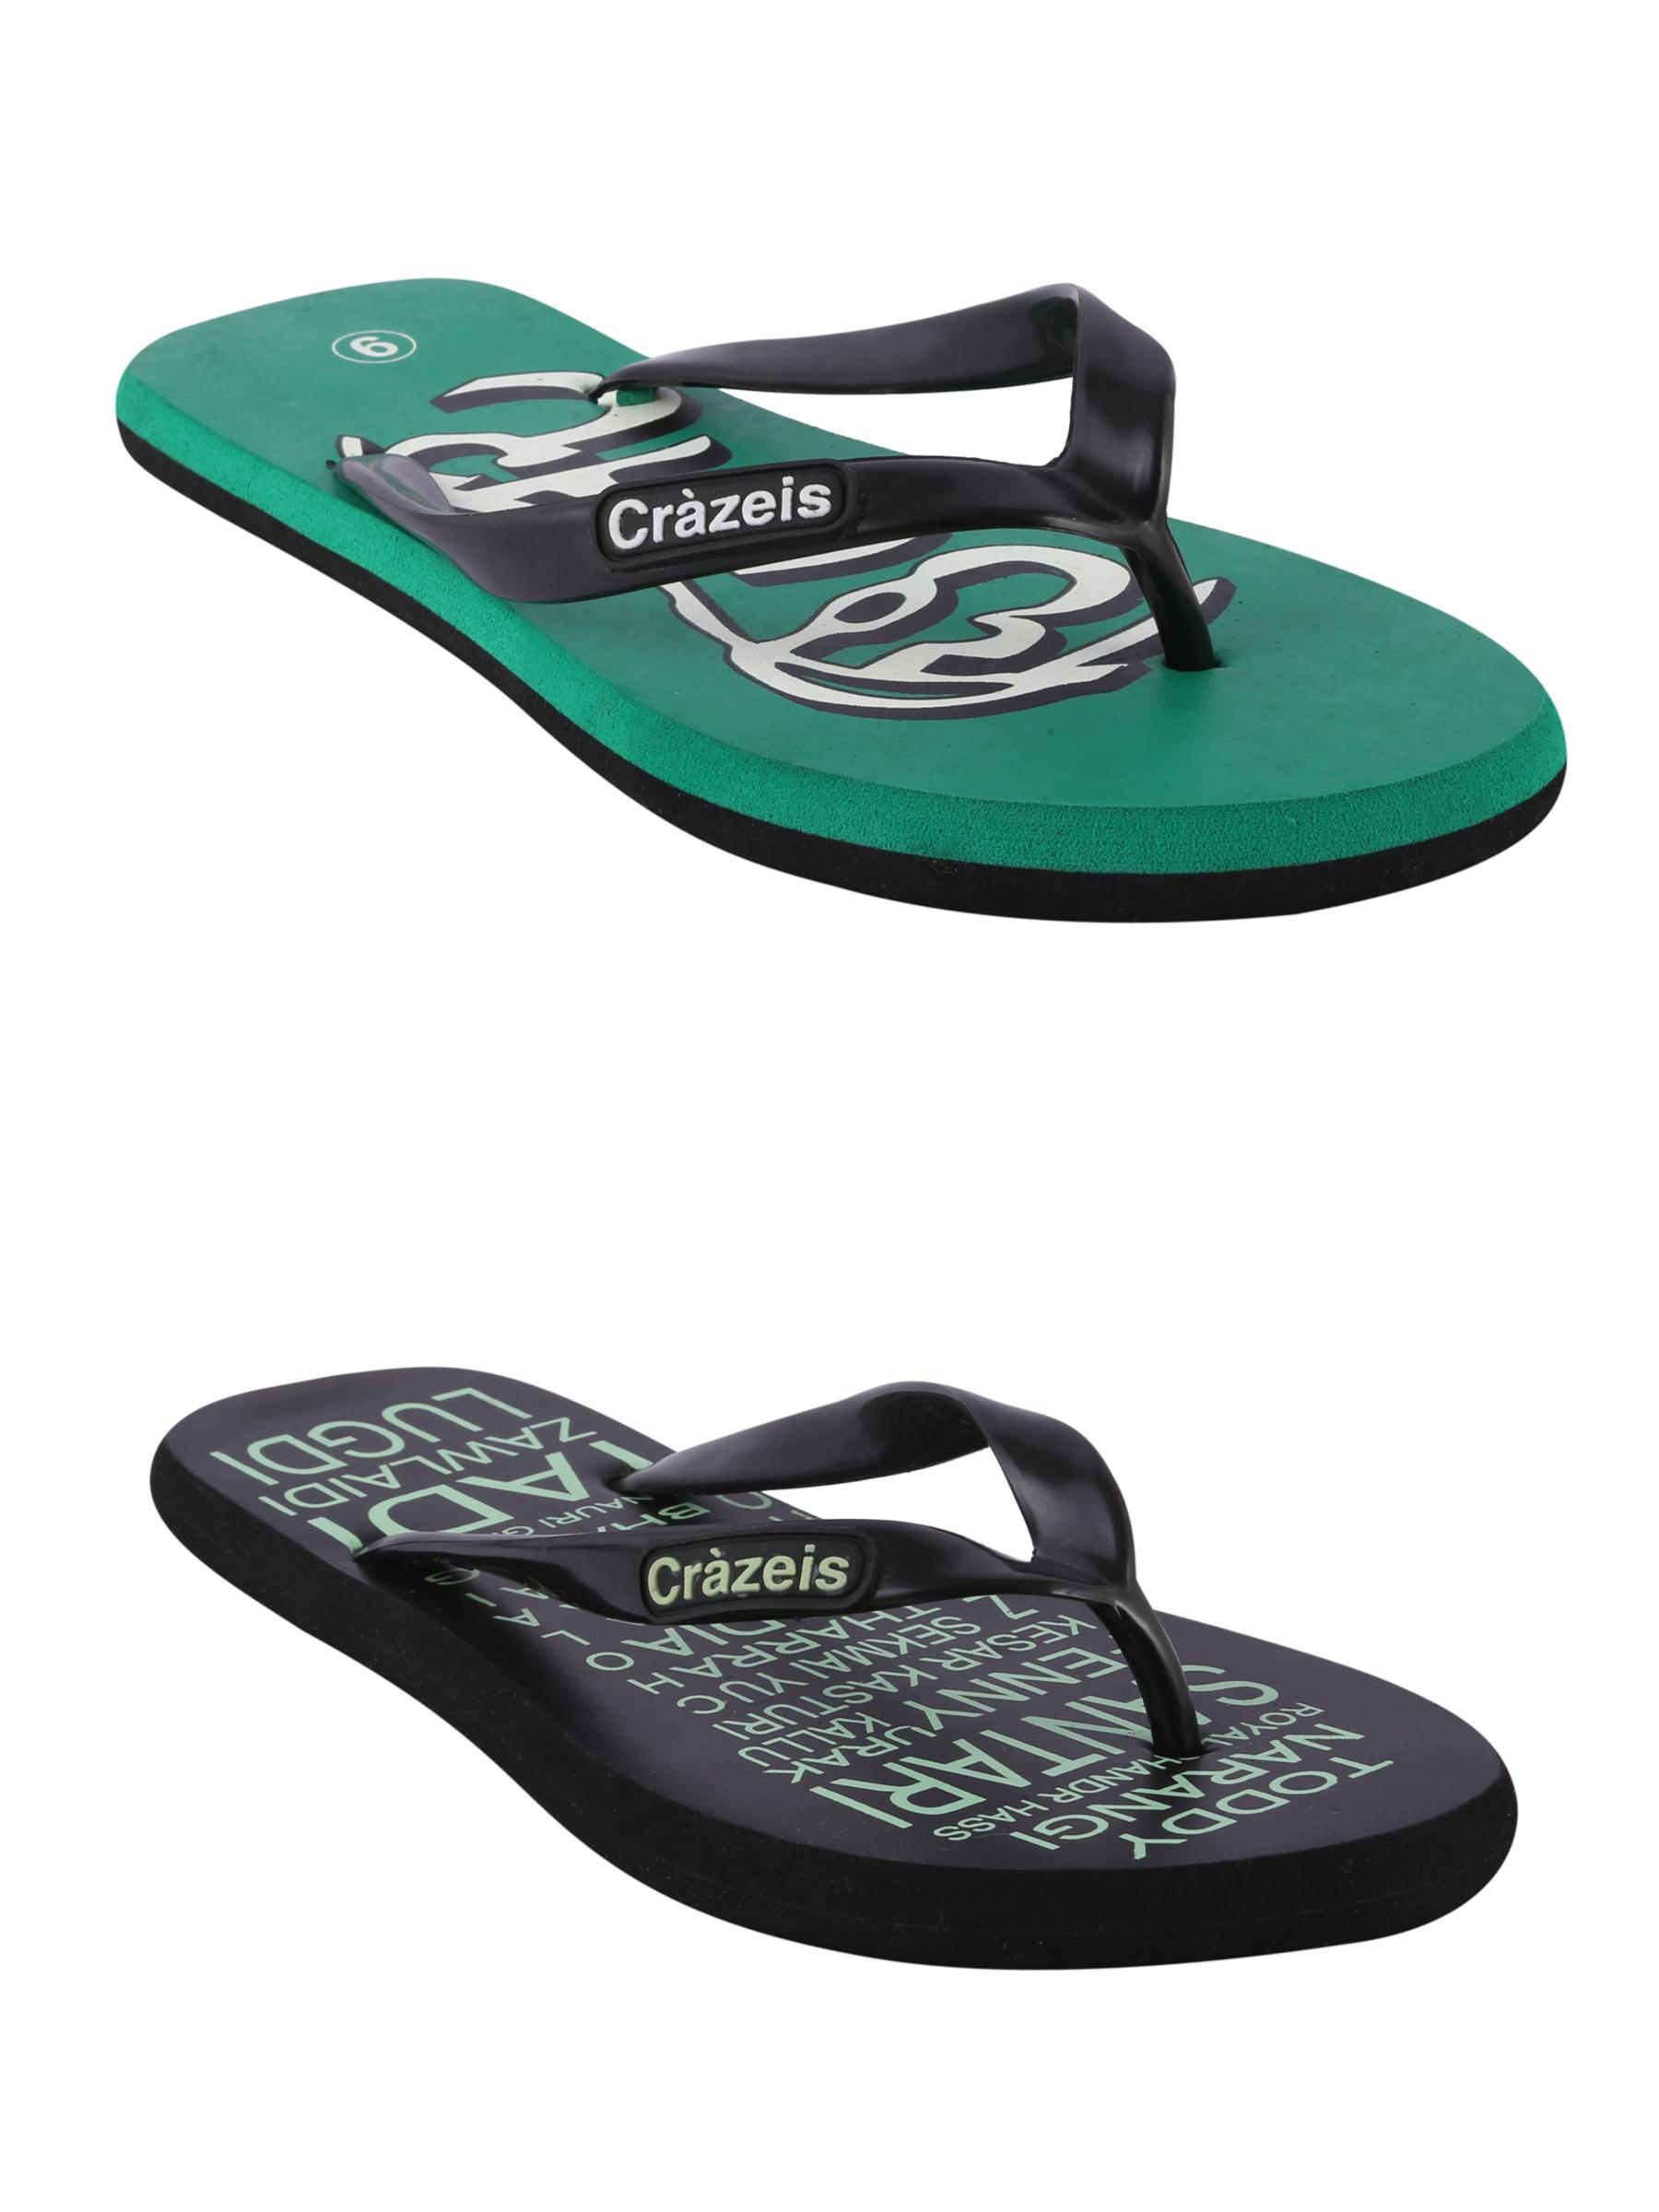 crazeis2 Crazeis Flip-flops Pack Of 2 For Men-014